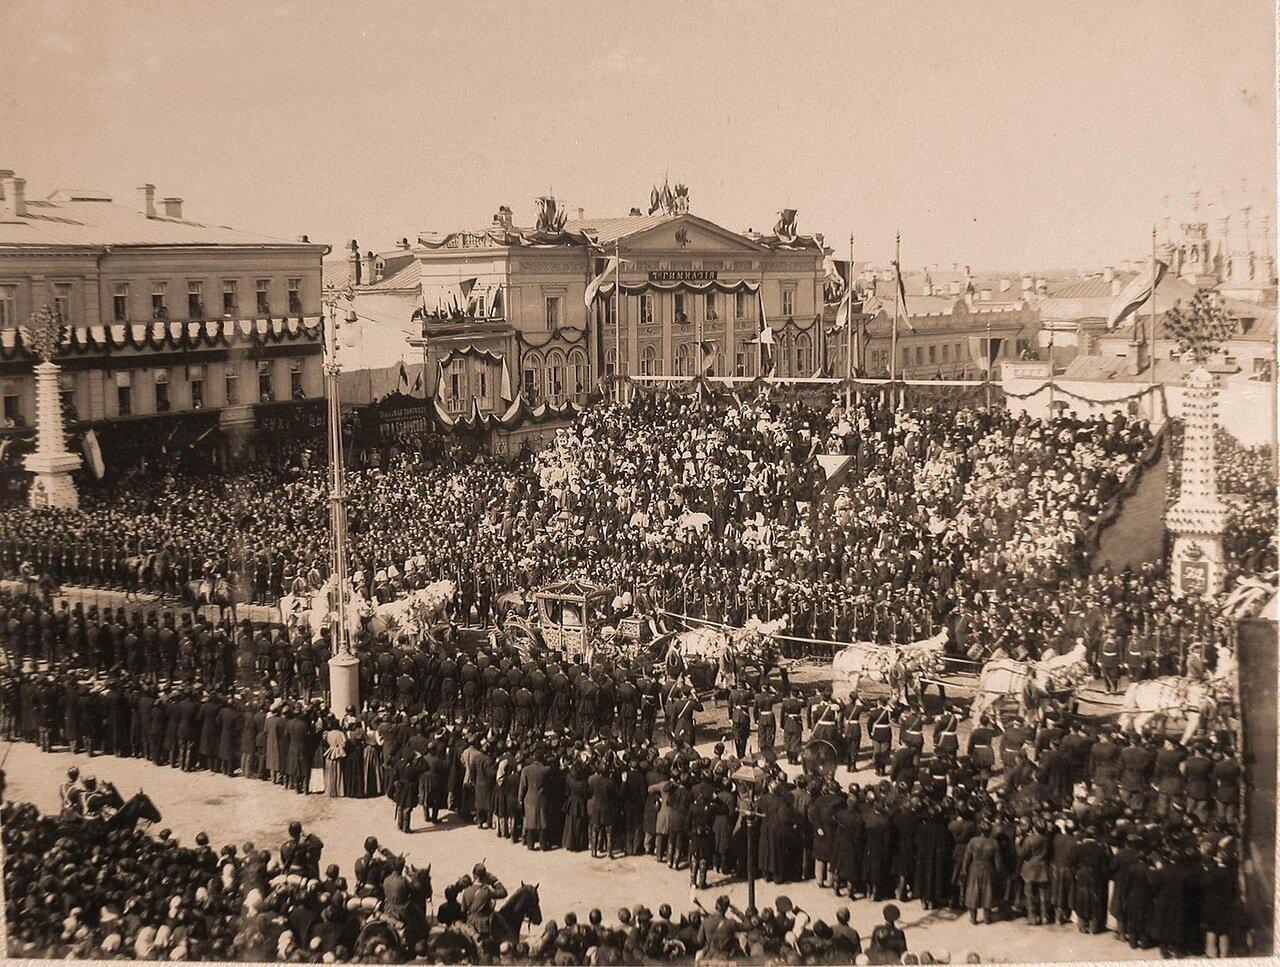 Коронационная карета  императрицы Александры Фёдоровны проезжает мимо трибун со зрителями на Страстной площади в день торжественного въезда их императорских величеств в Москву